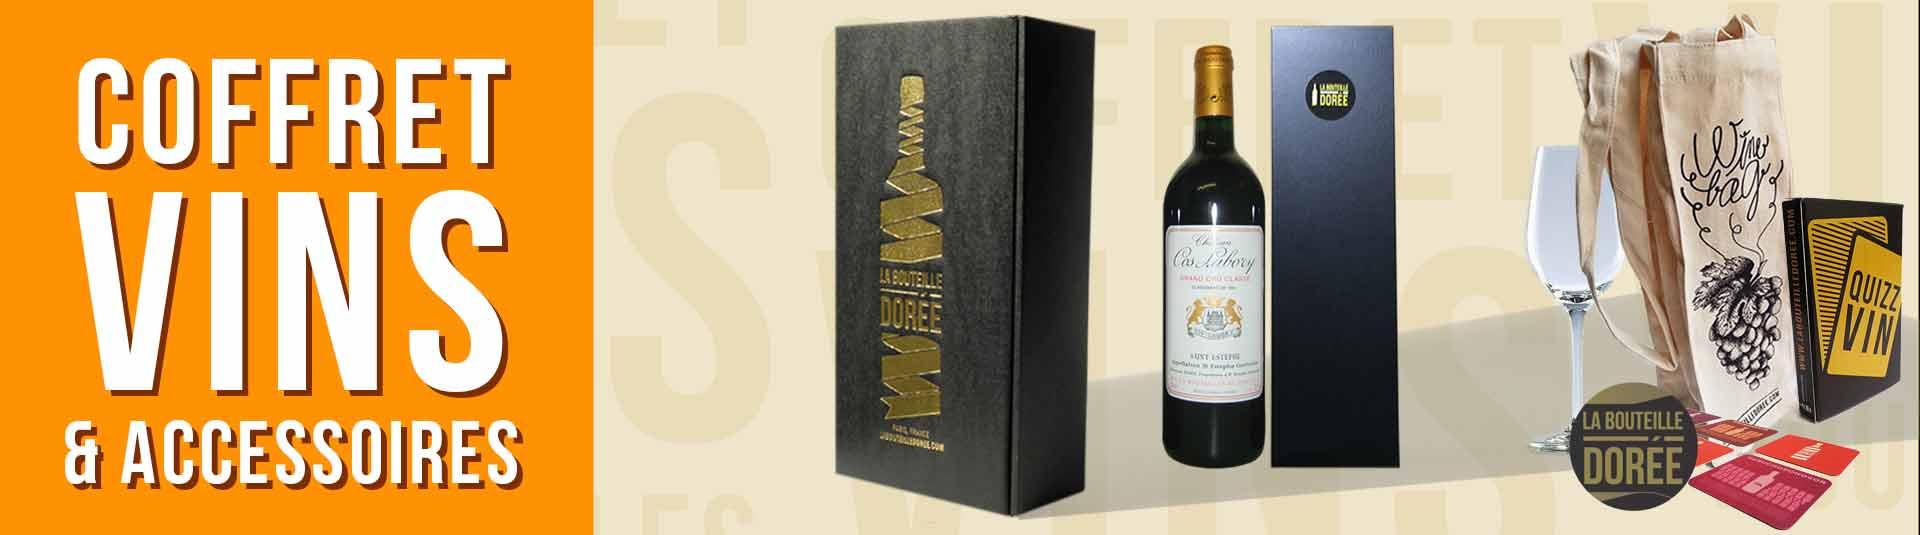 coffret vin 1985 avec accessoires